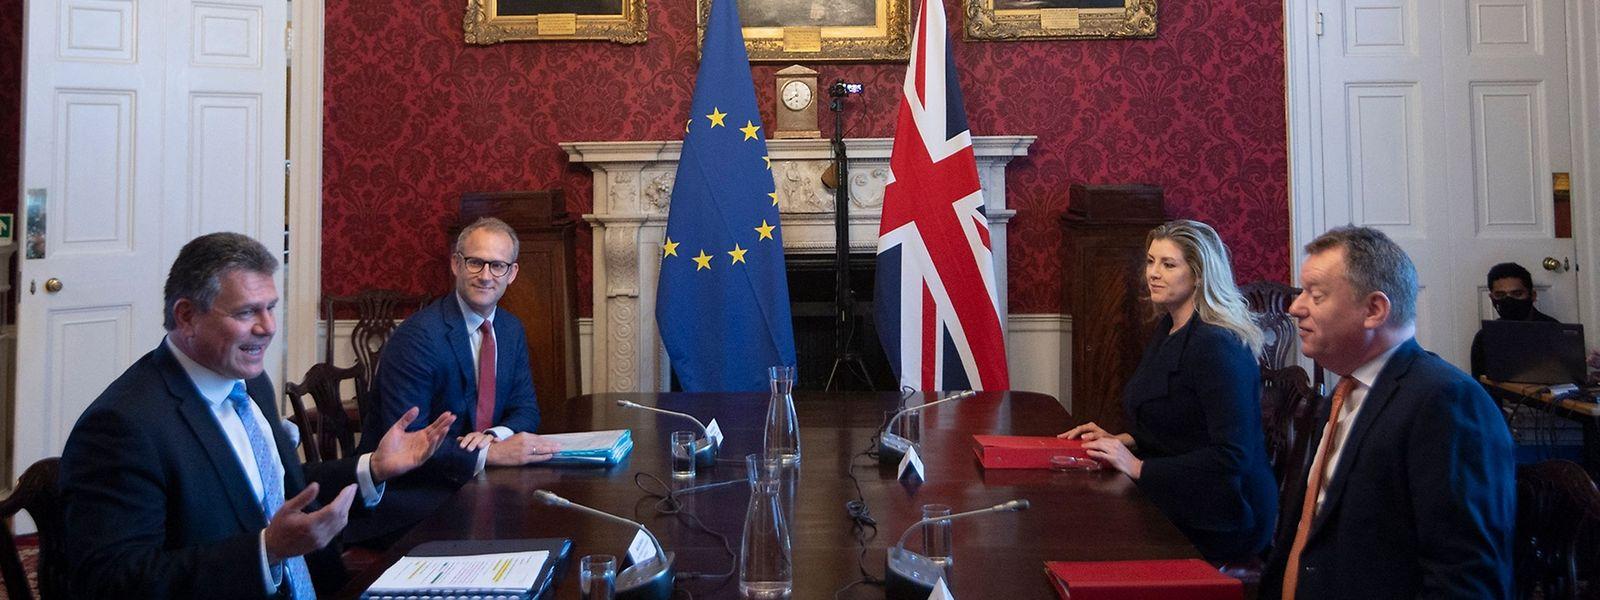 Verhärtete Fronten: Die EU und Großbritannien sind in Sachen Nordirland noch nicht auf einen gemeinsamen Nenner gekommen.